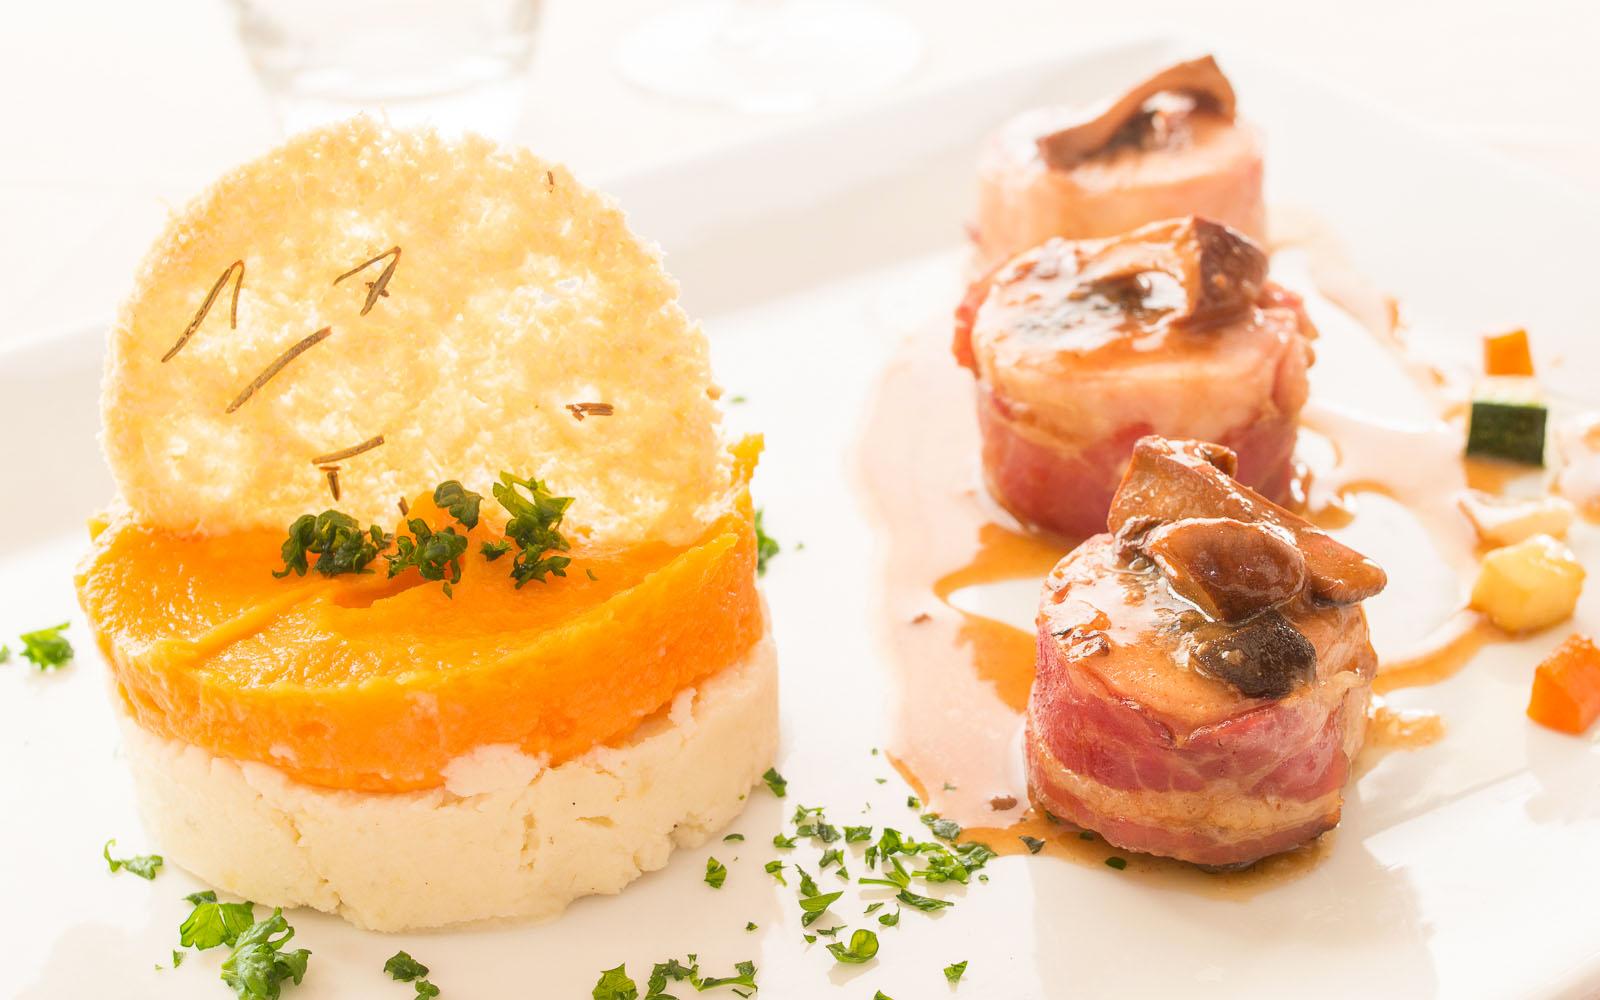 Uno dei golosi piatti cucinati dalla Chef Florance Audier.